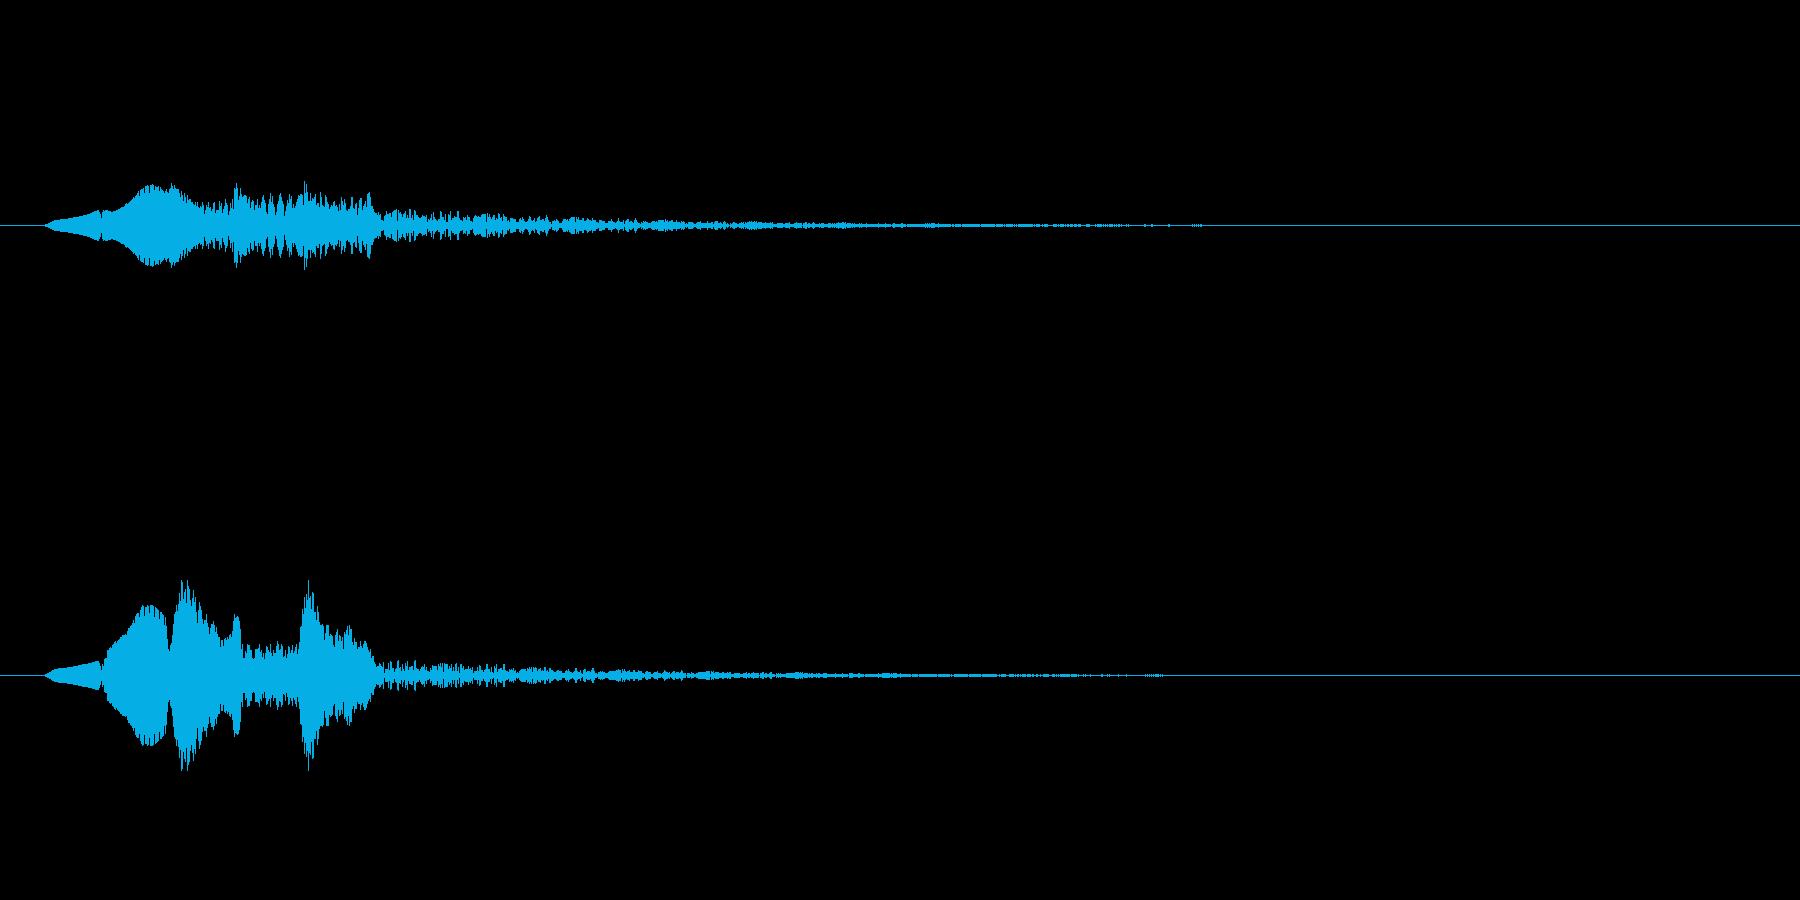 ピロリン↓(下降する音階)の再生済みの波形